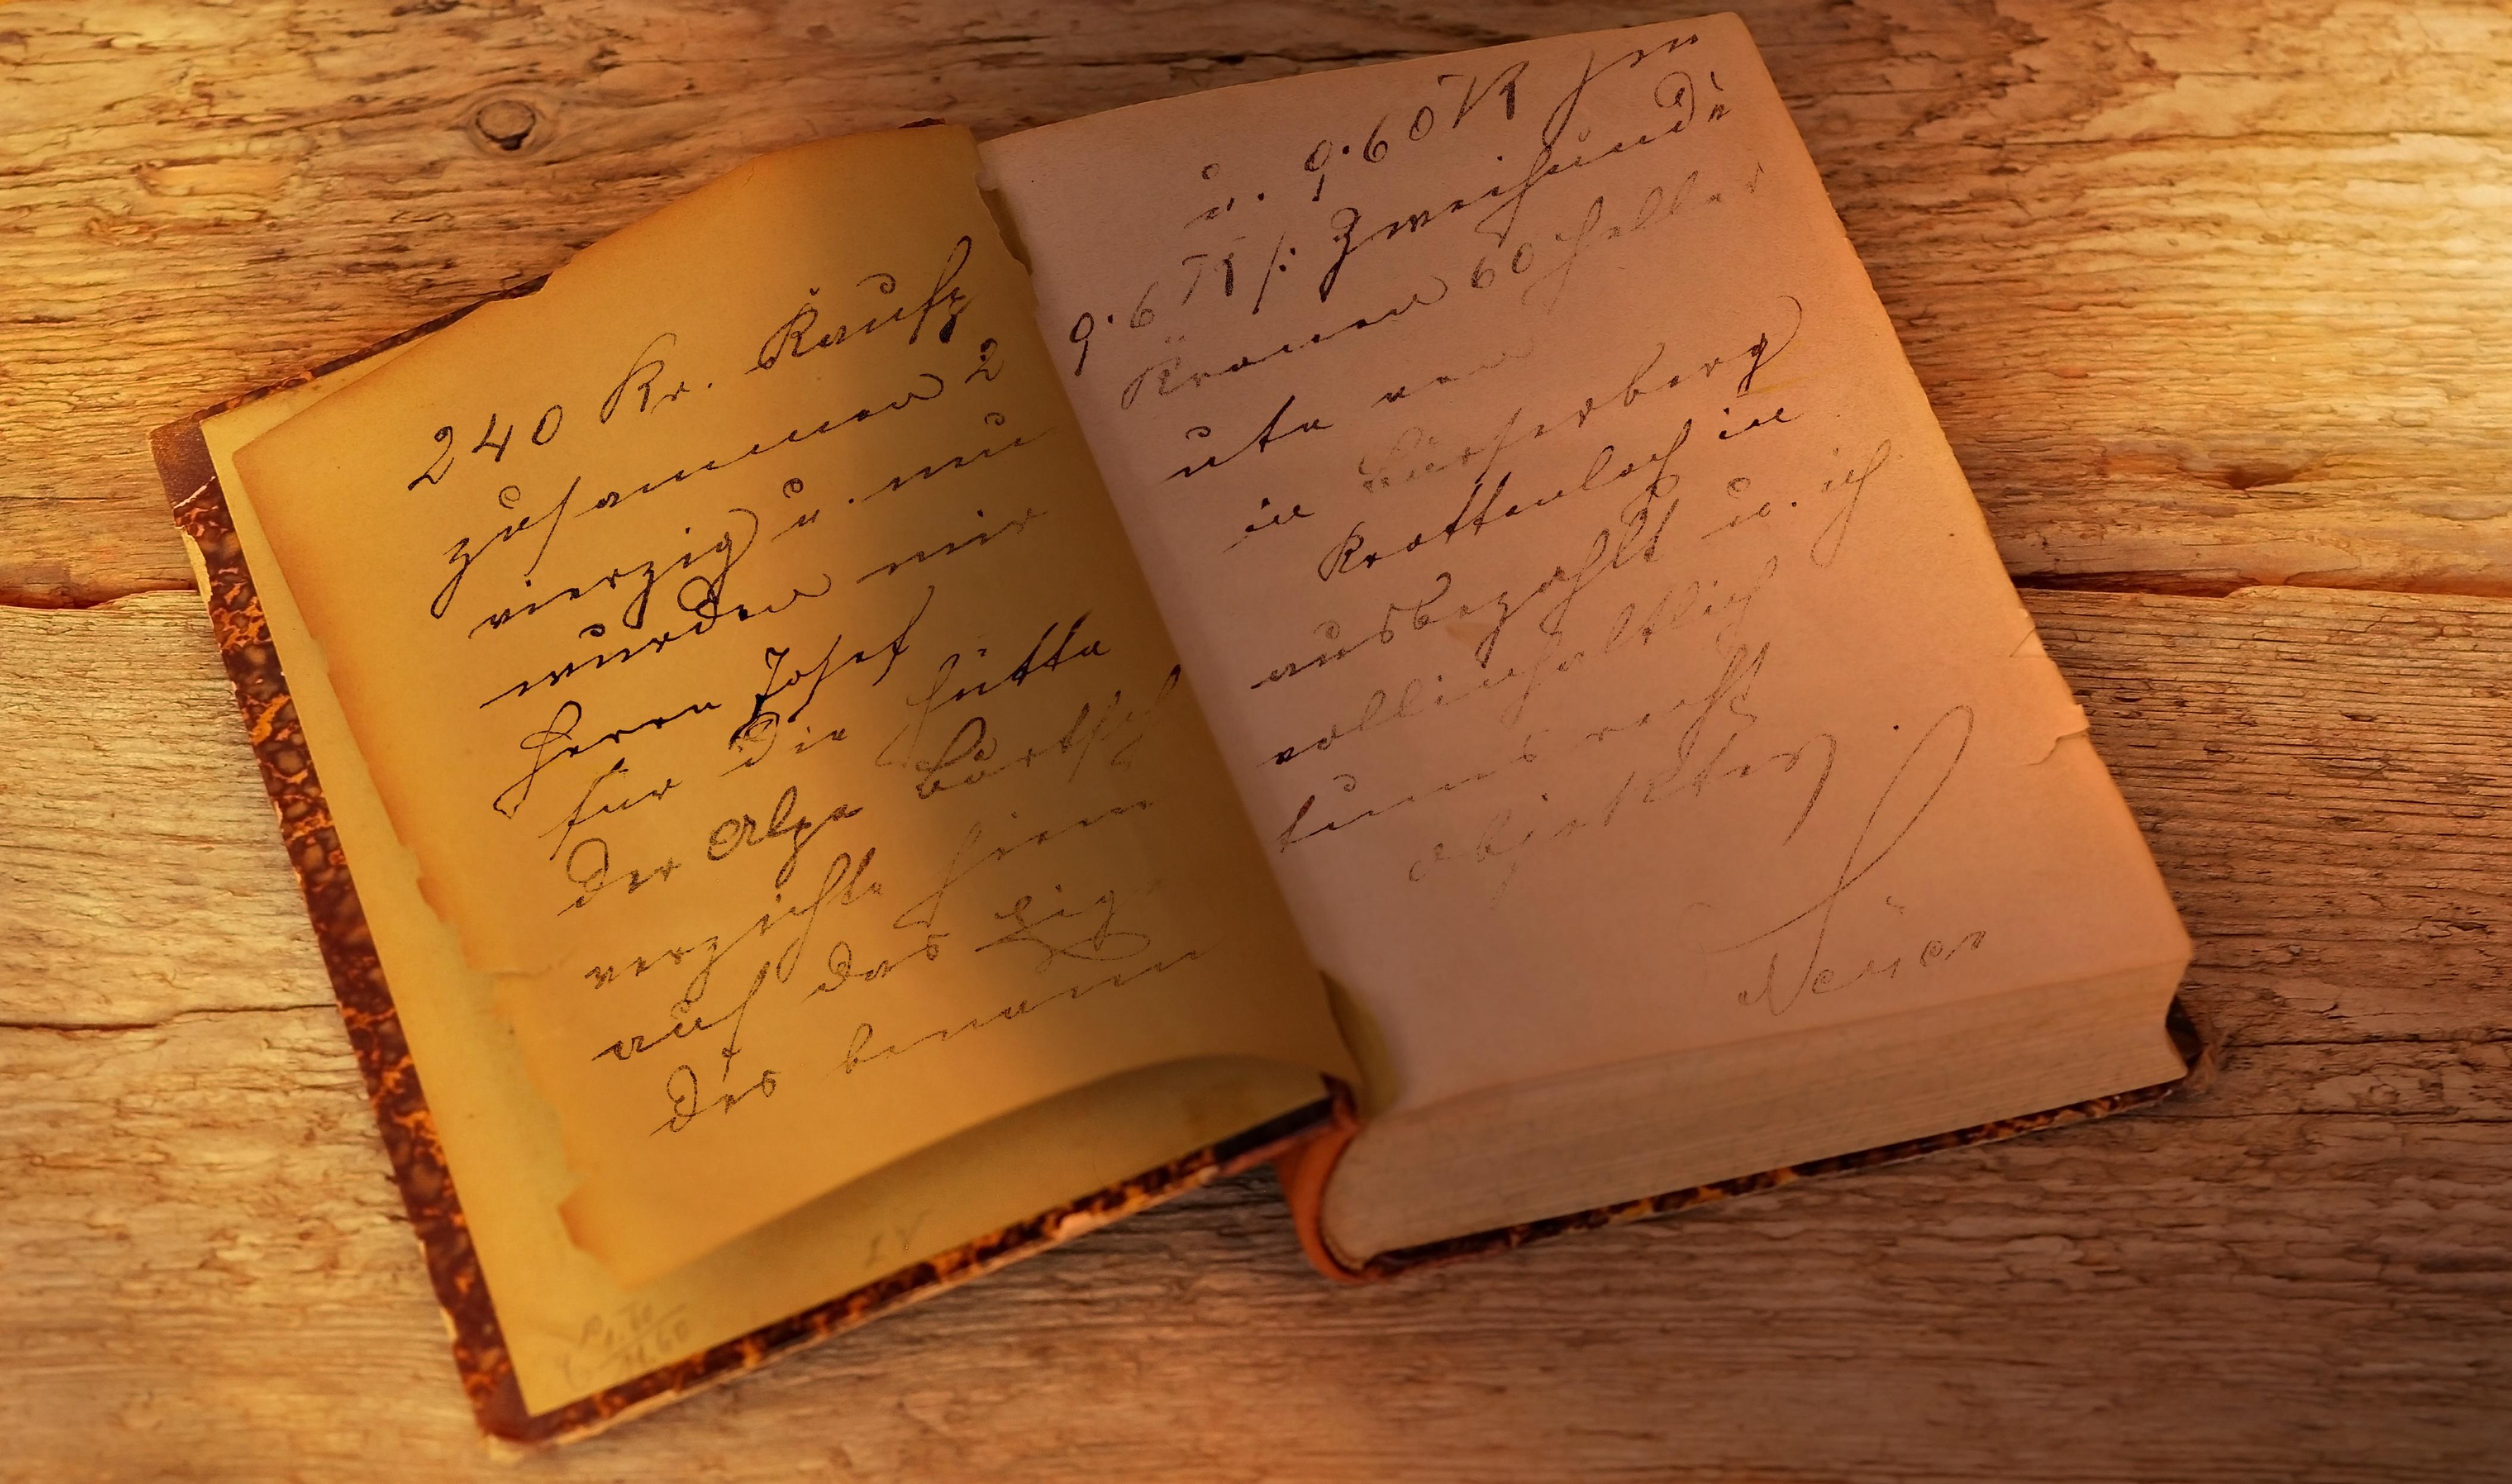 Kostenlose foto : Schreiben, Buch, Holz, Jahrgang, Antiquität, alt ...